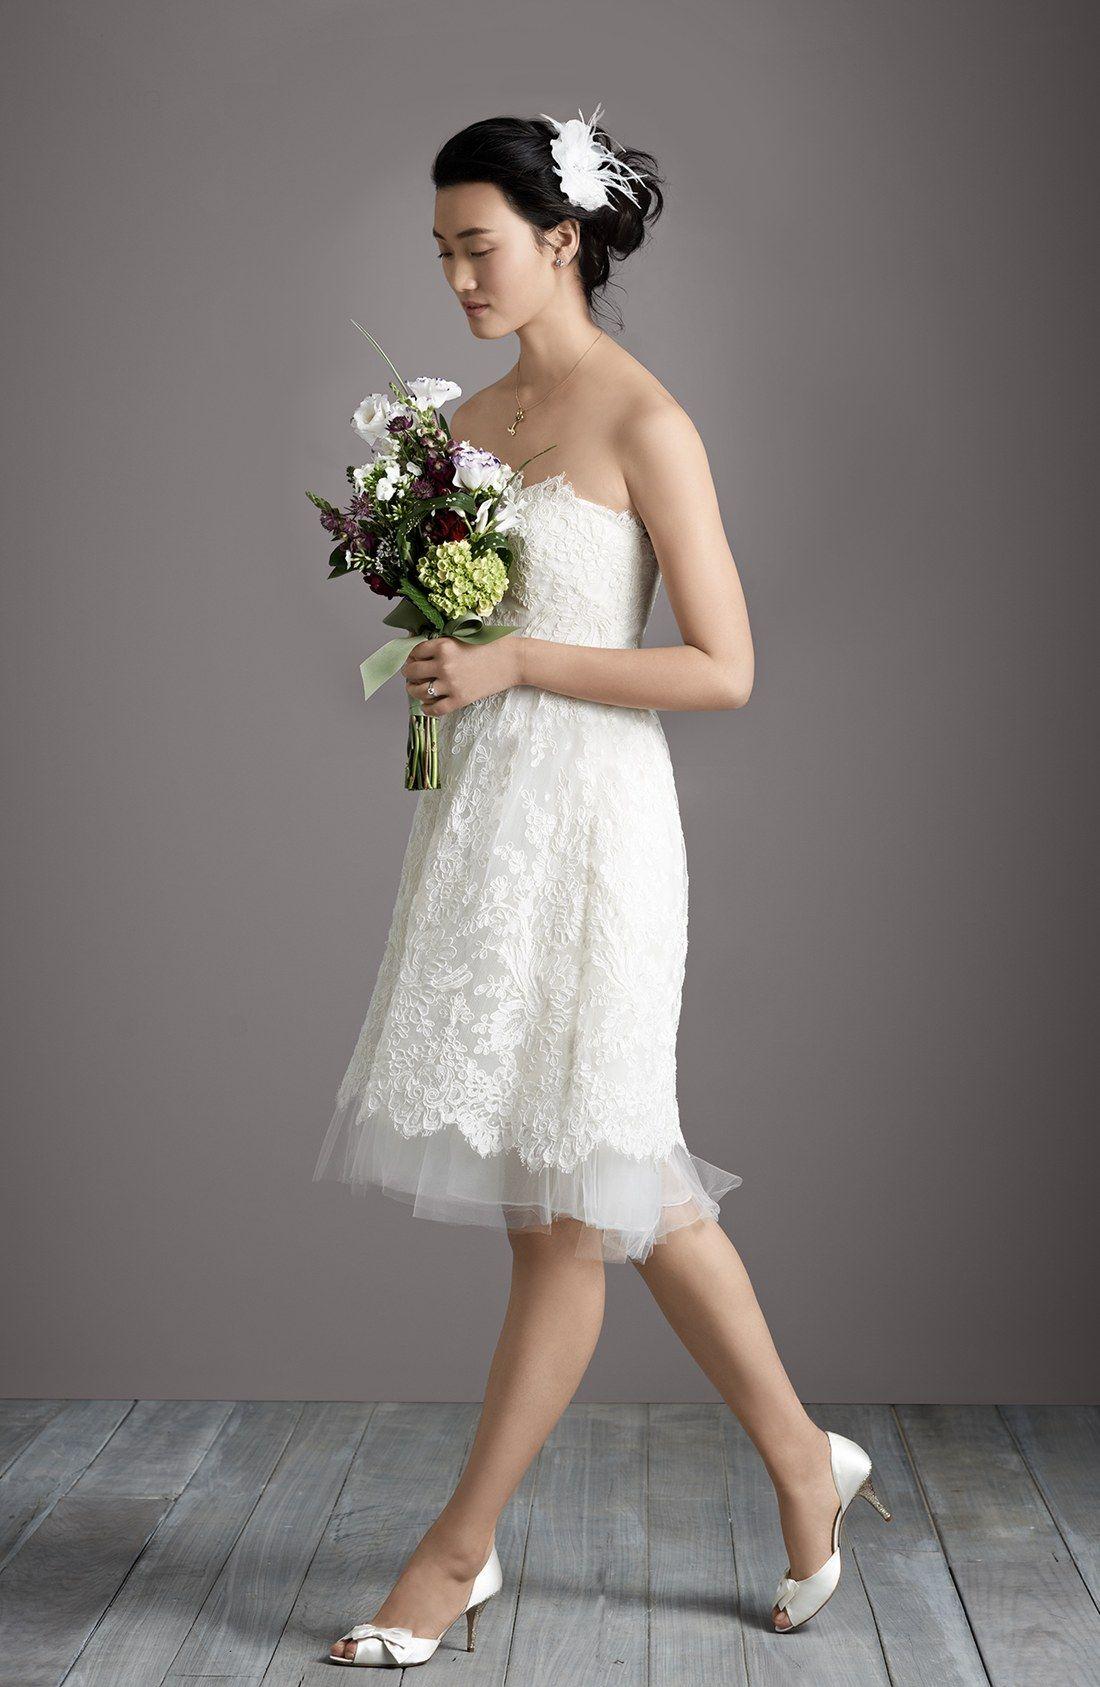 Best Wedding Dresses Lace Dresses White Rehearsal Dinner